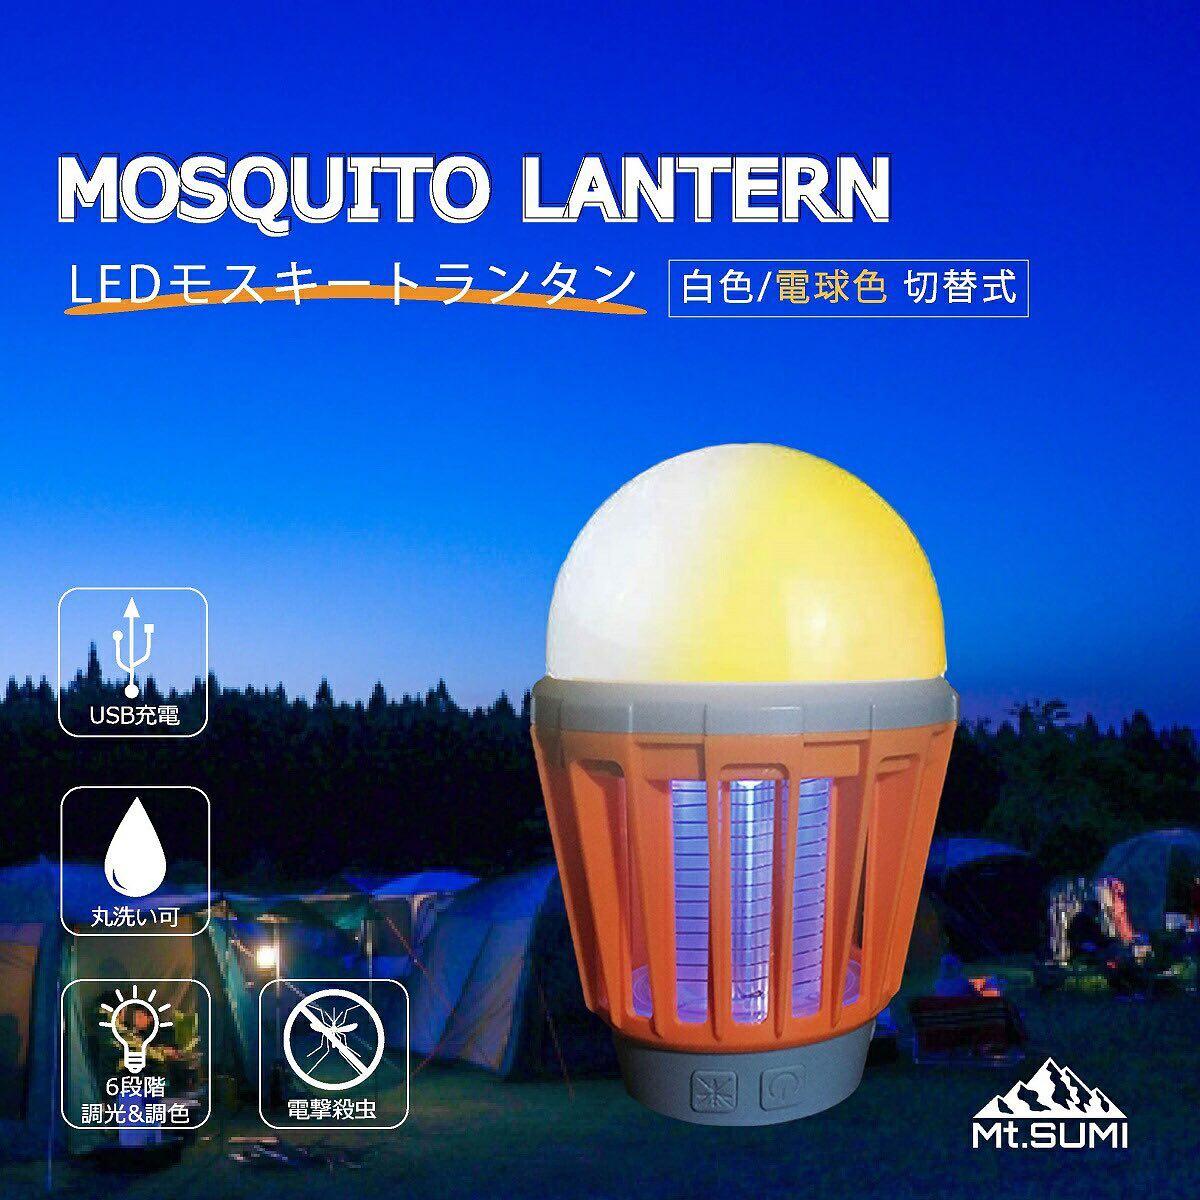 電撃殺虫器も付いて、これからのシーズンに大活躍!『Mt.SUMI LED モスキートランタン』のご紹介